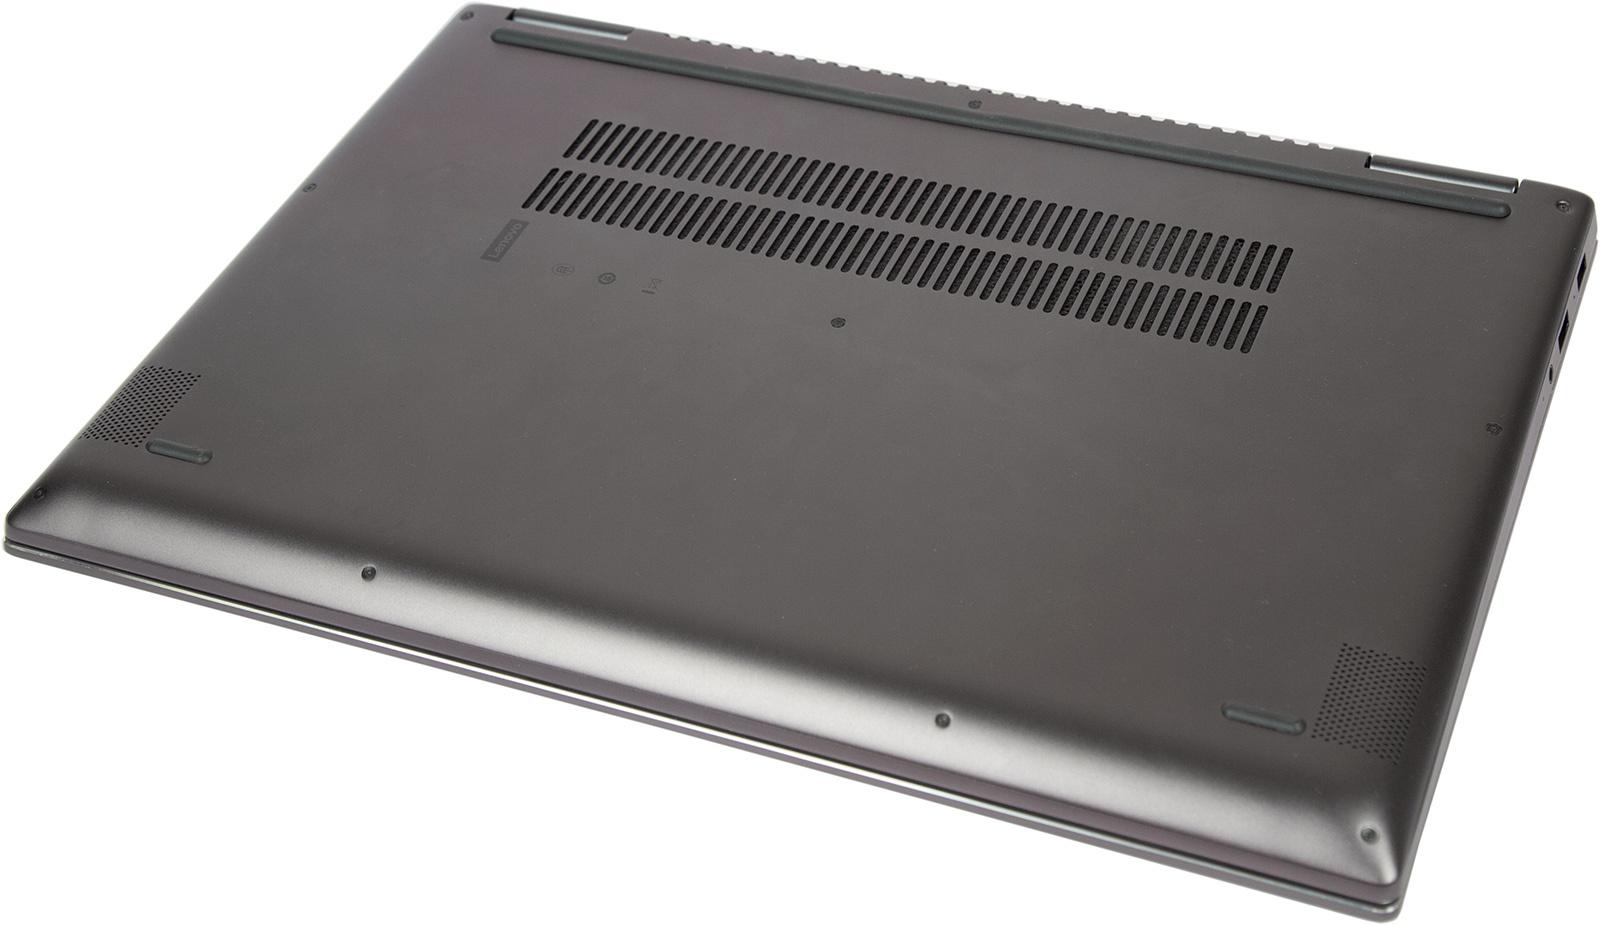 Универсальный Йог. Обзор ноутбука-трансформера Lenovo Yoga 720 - 12